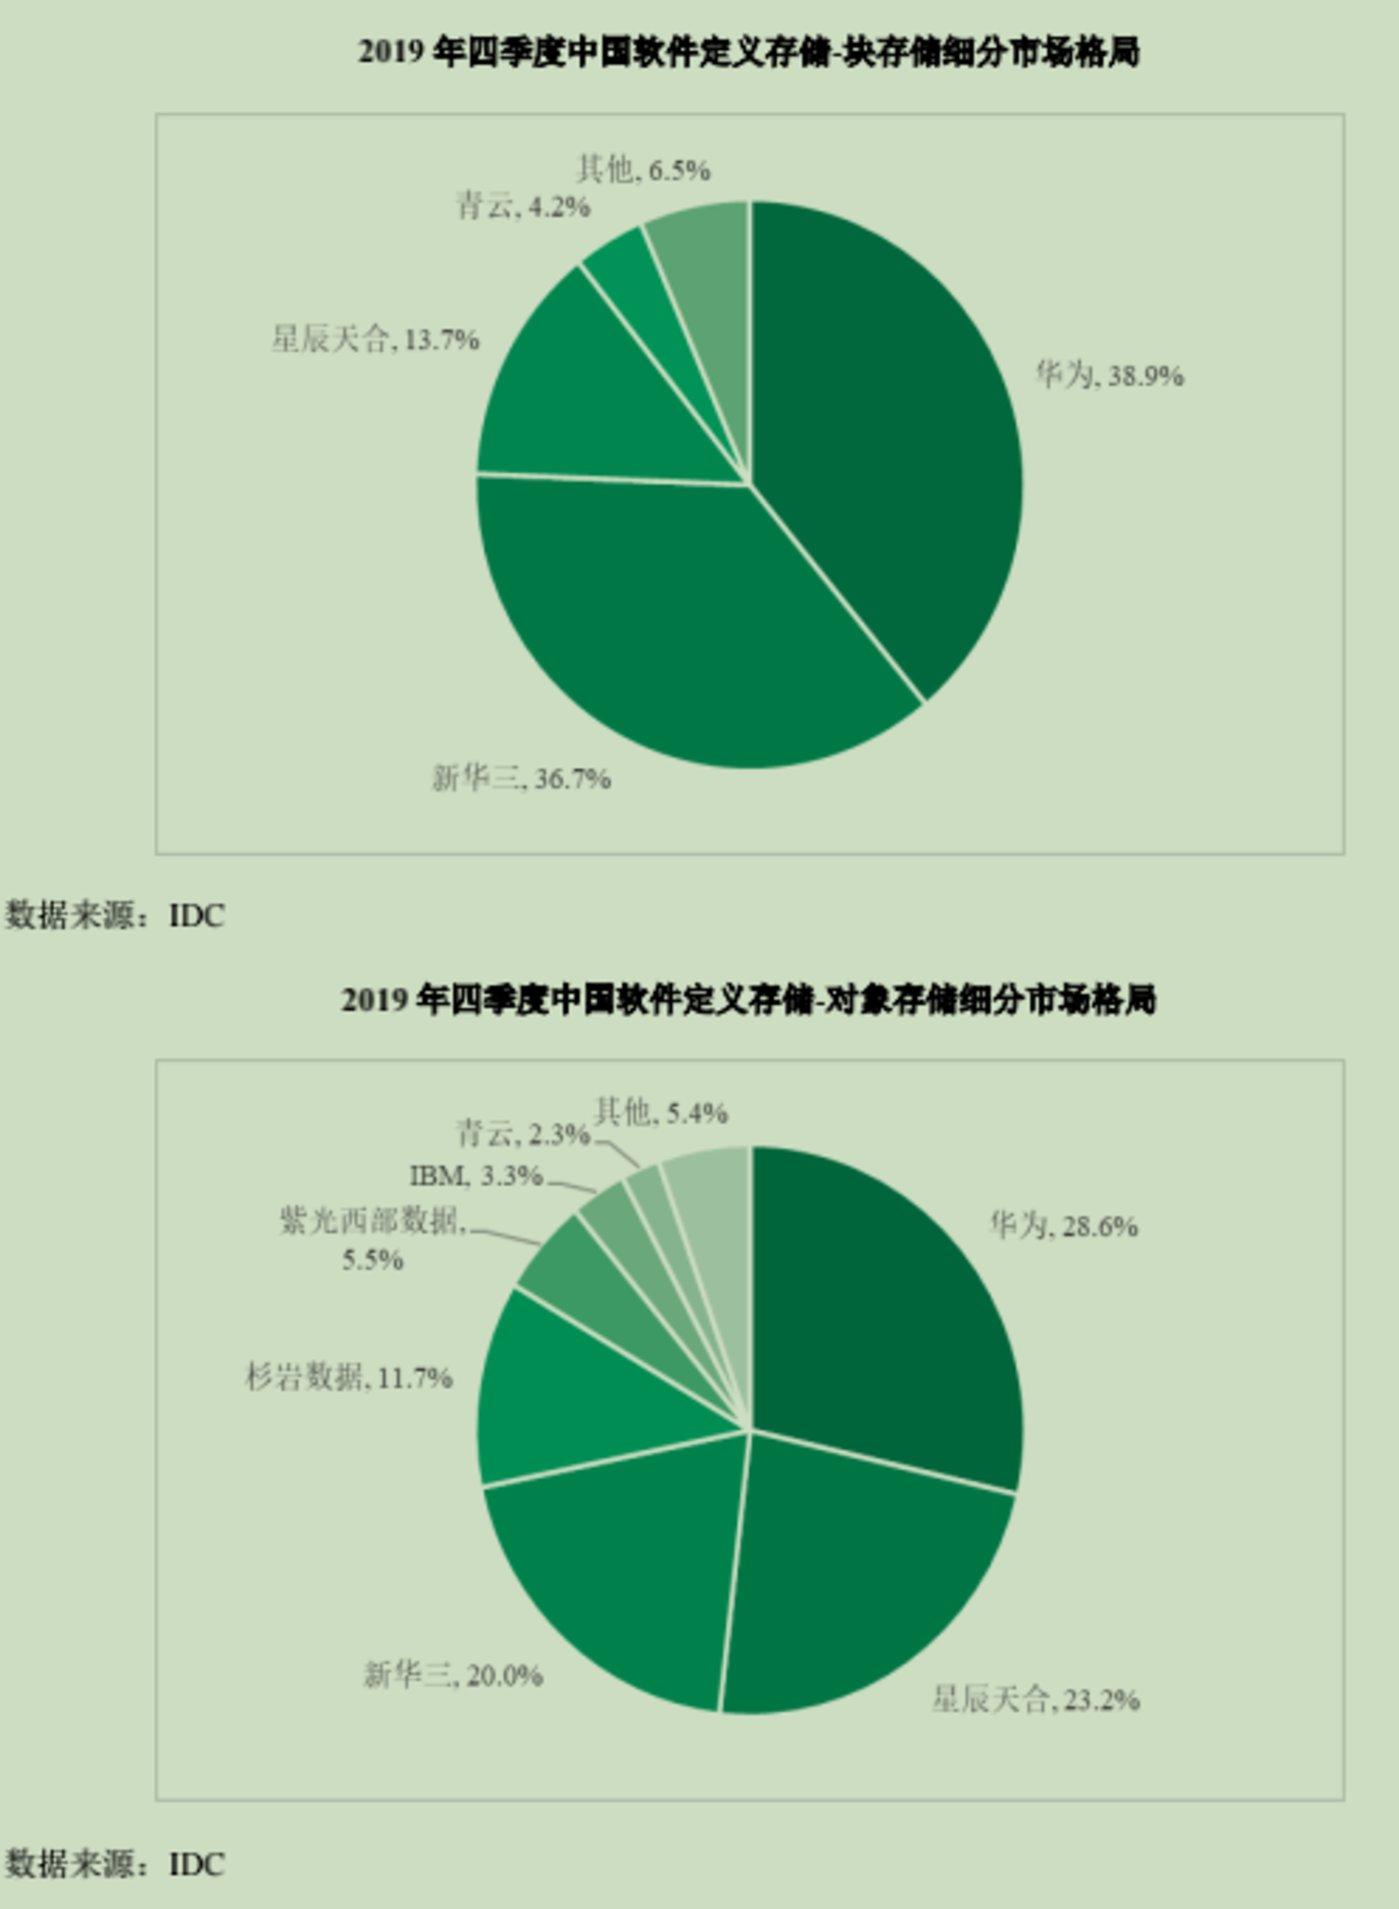 2019中国软件定义存储市场份额情况